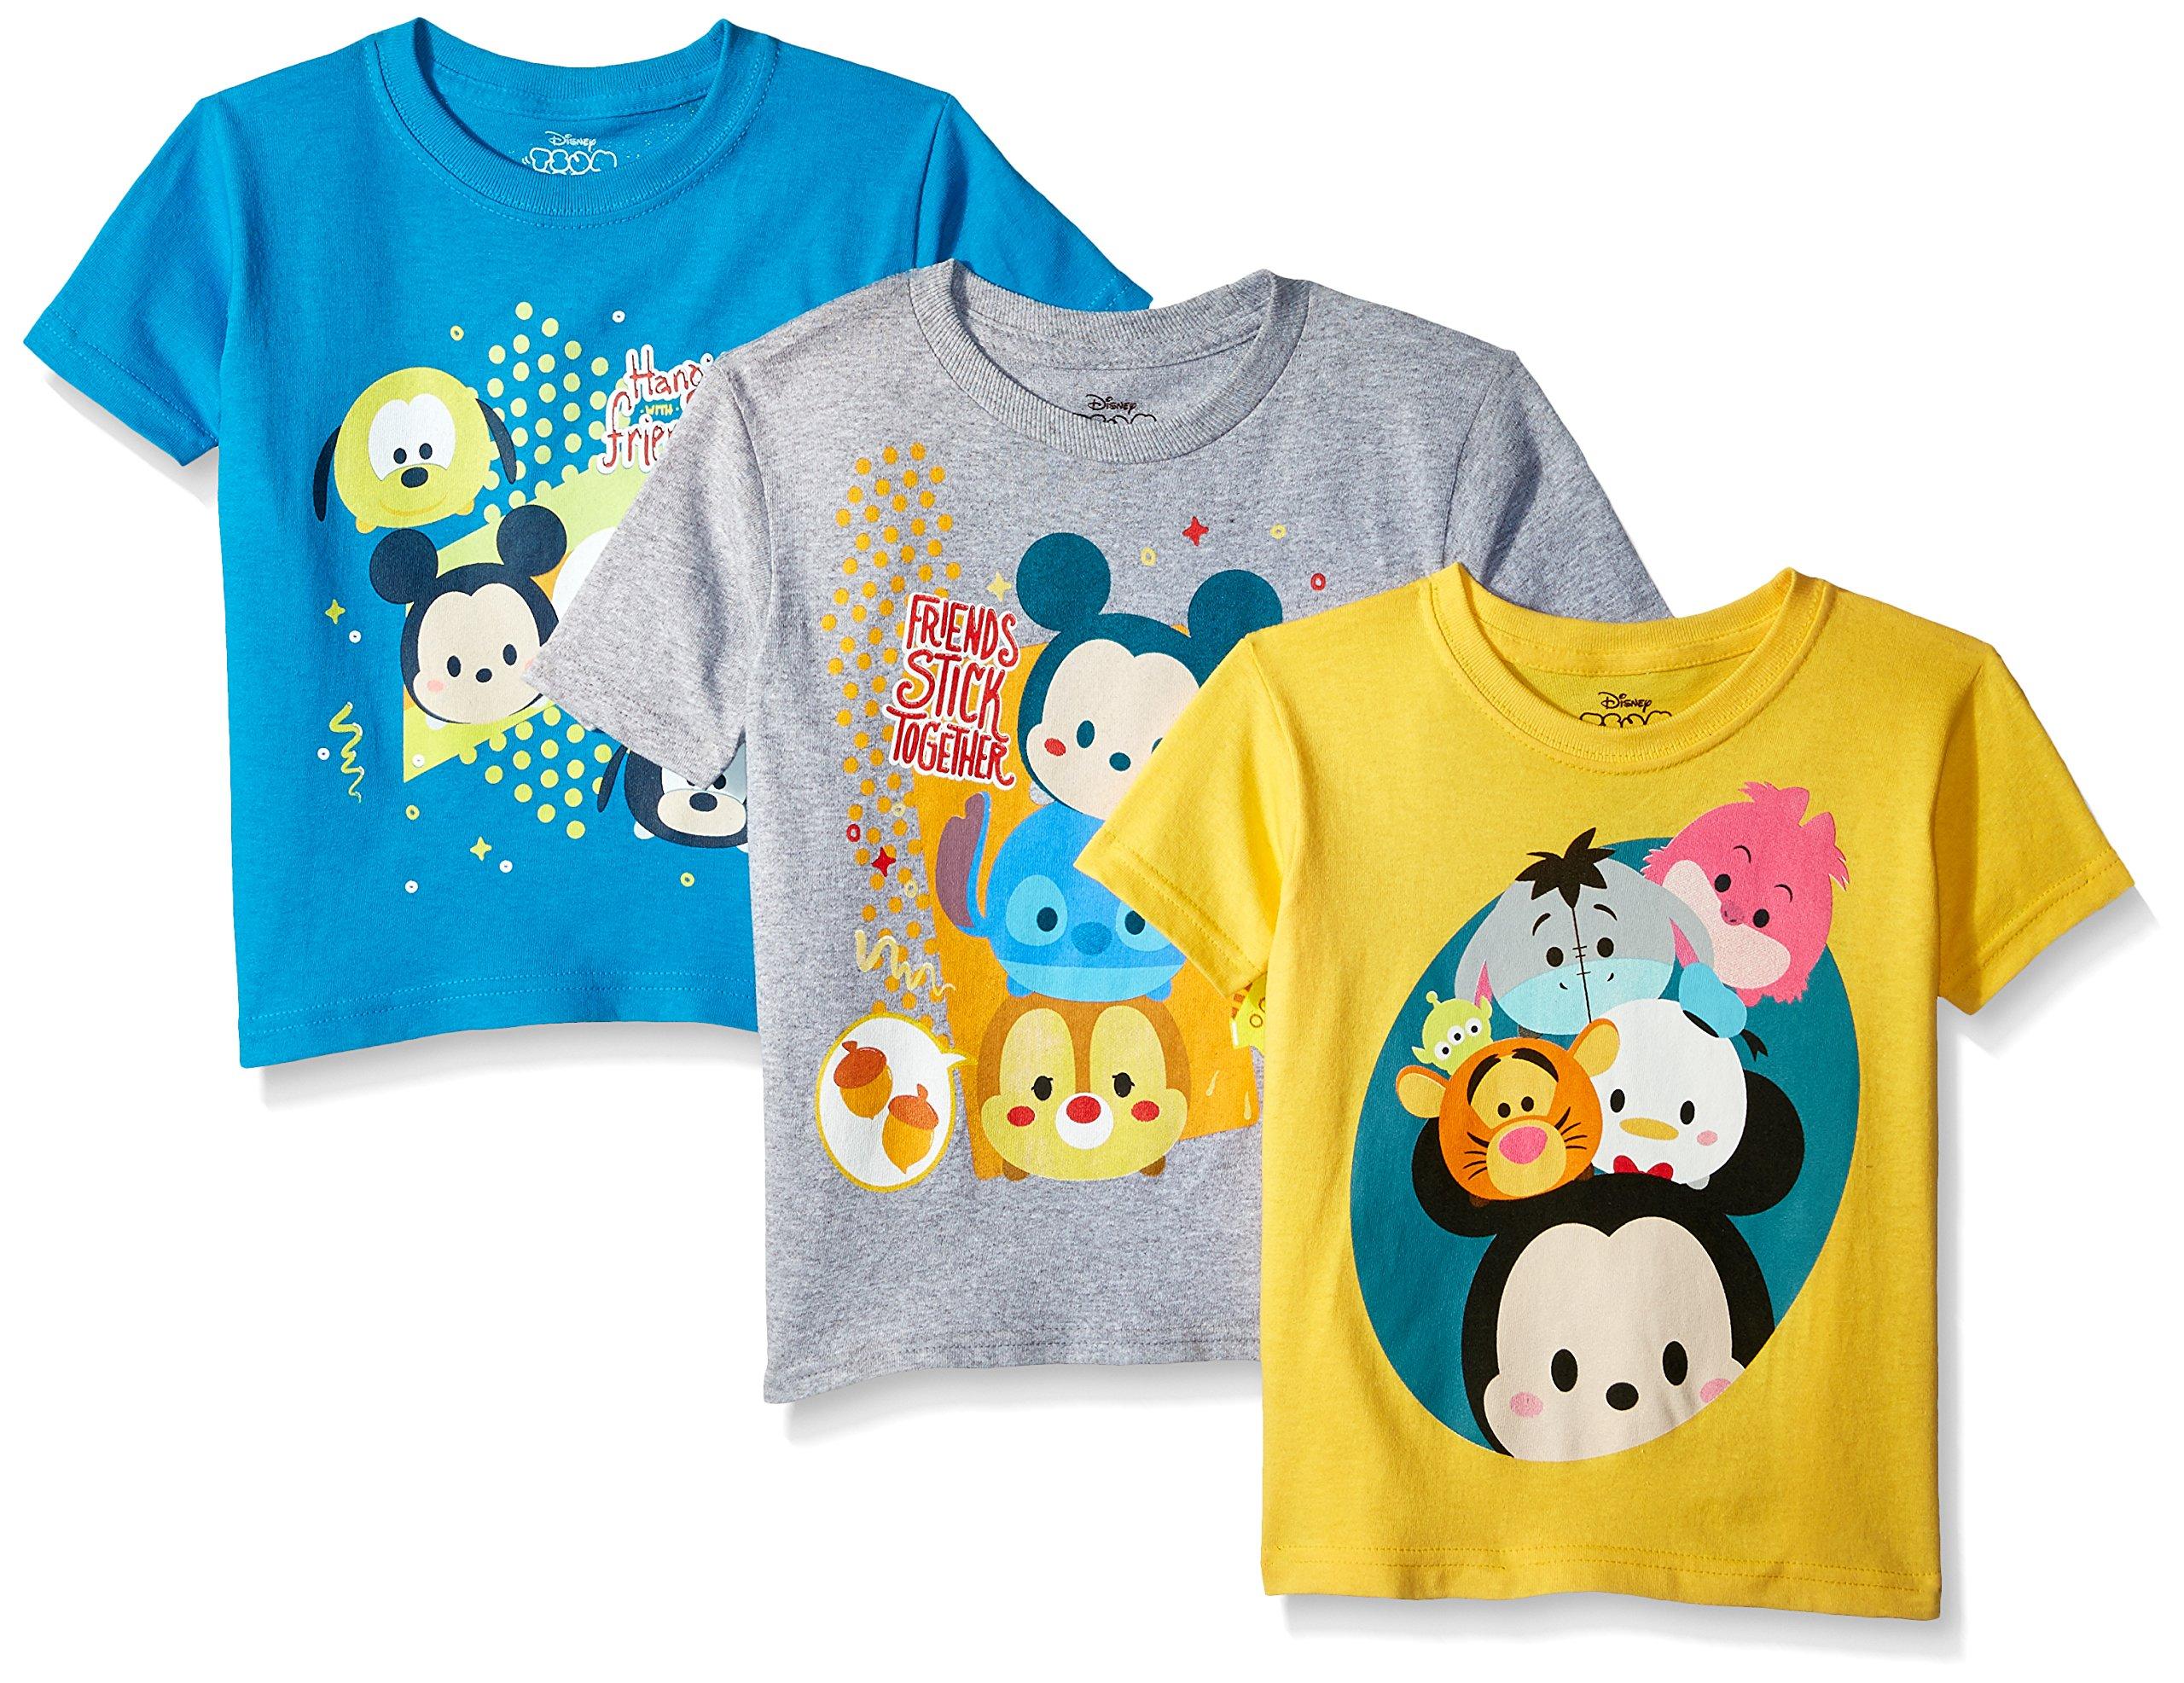 ディズニーボーイズアンドガールズTsum 3 Pack ShortスリーブTシャツ